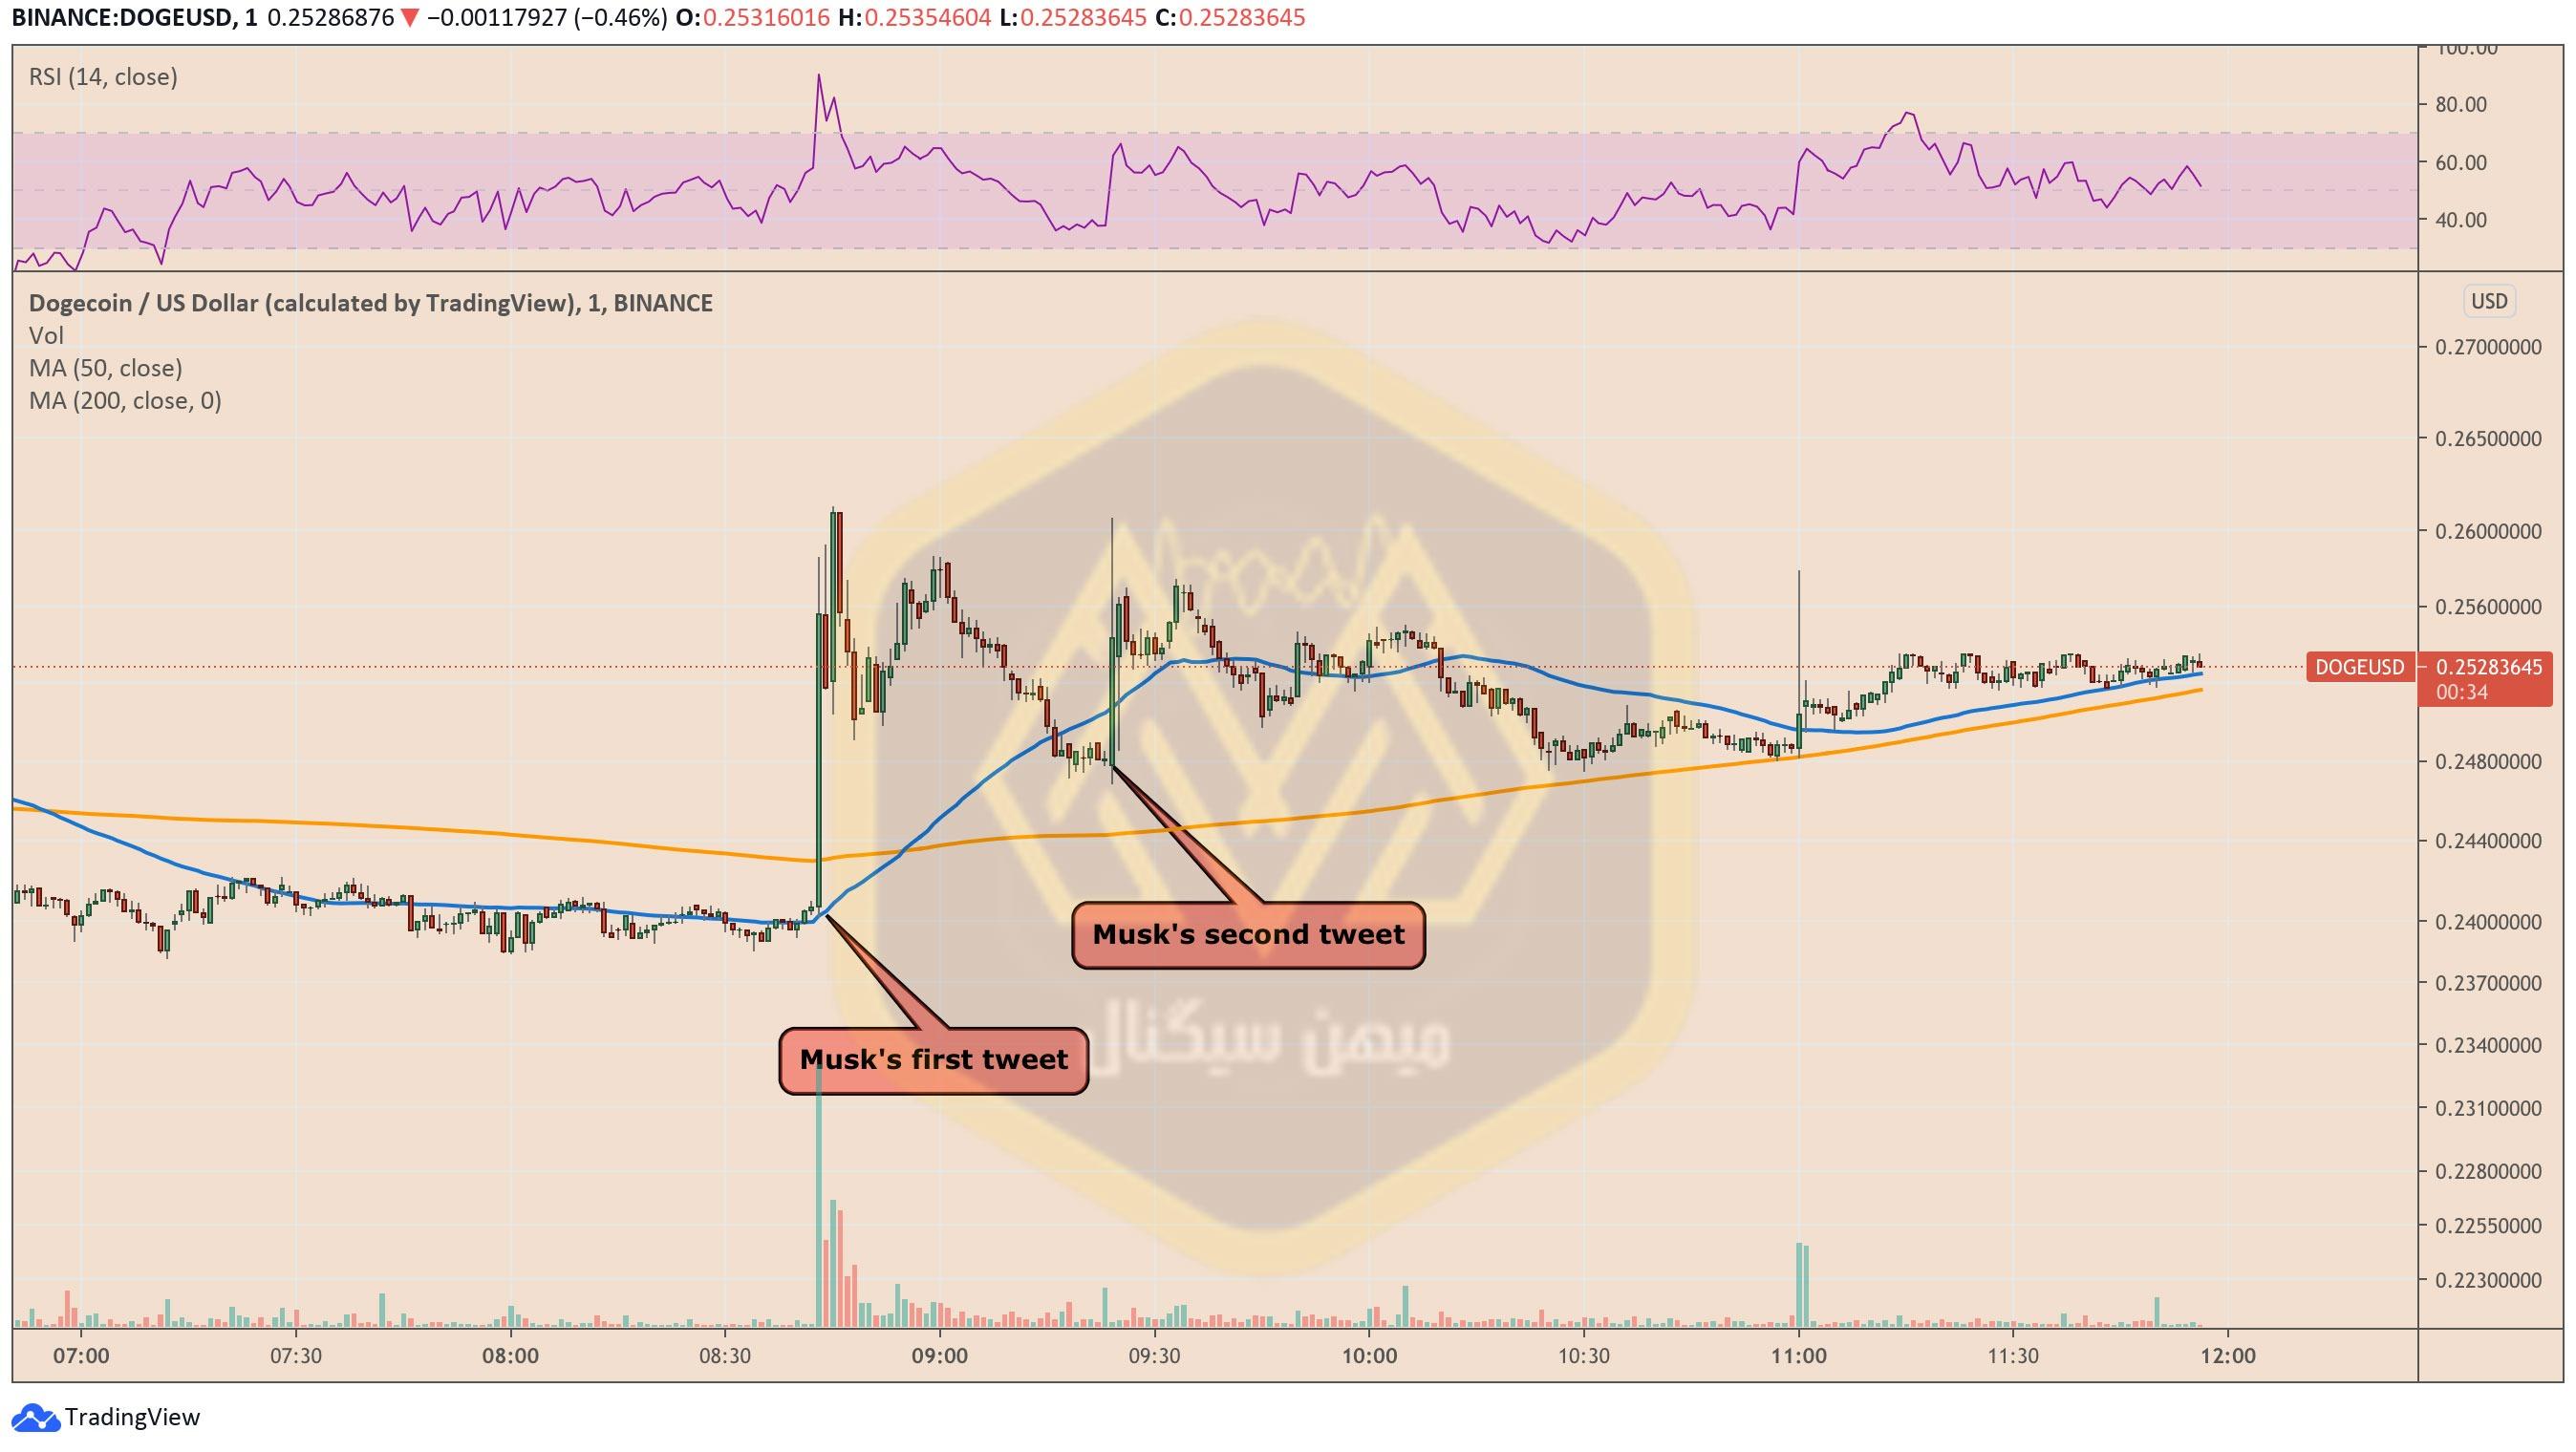 نمودار یکدقیقهای قیمت دوج کوین / دلار